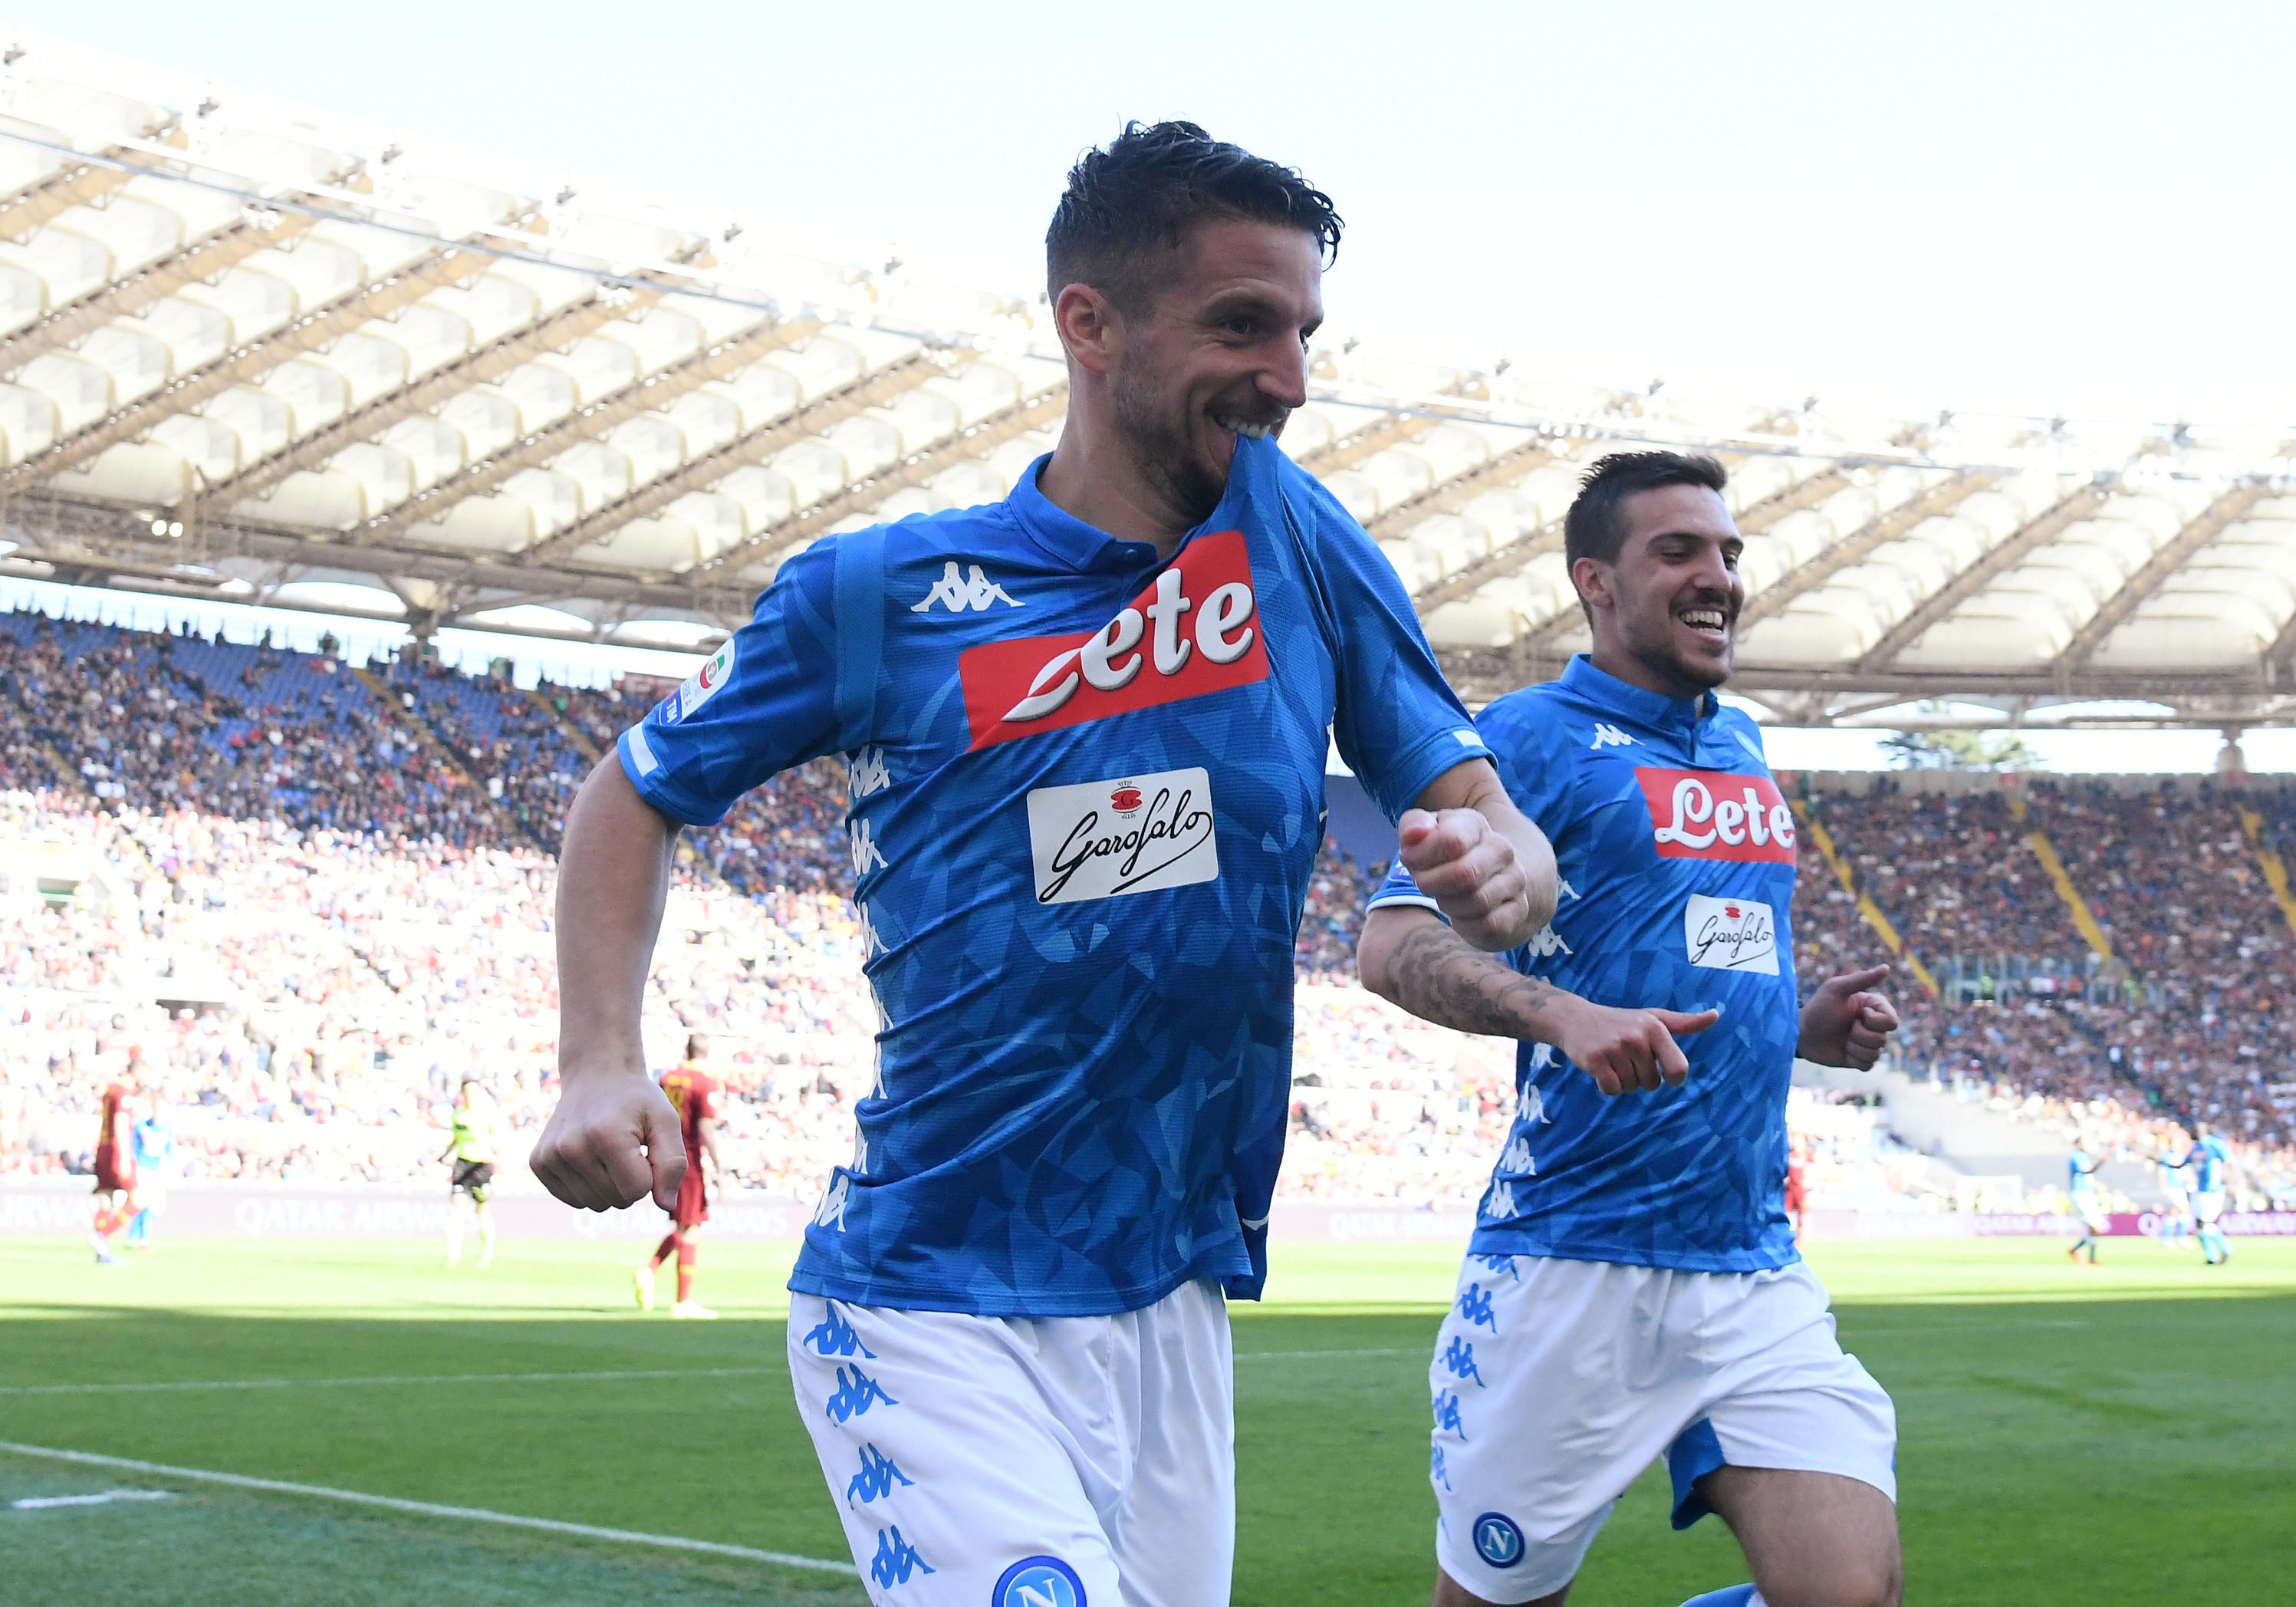 Serie A: Siga em direto os resultados e marcadores da 31.ª jornada